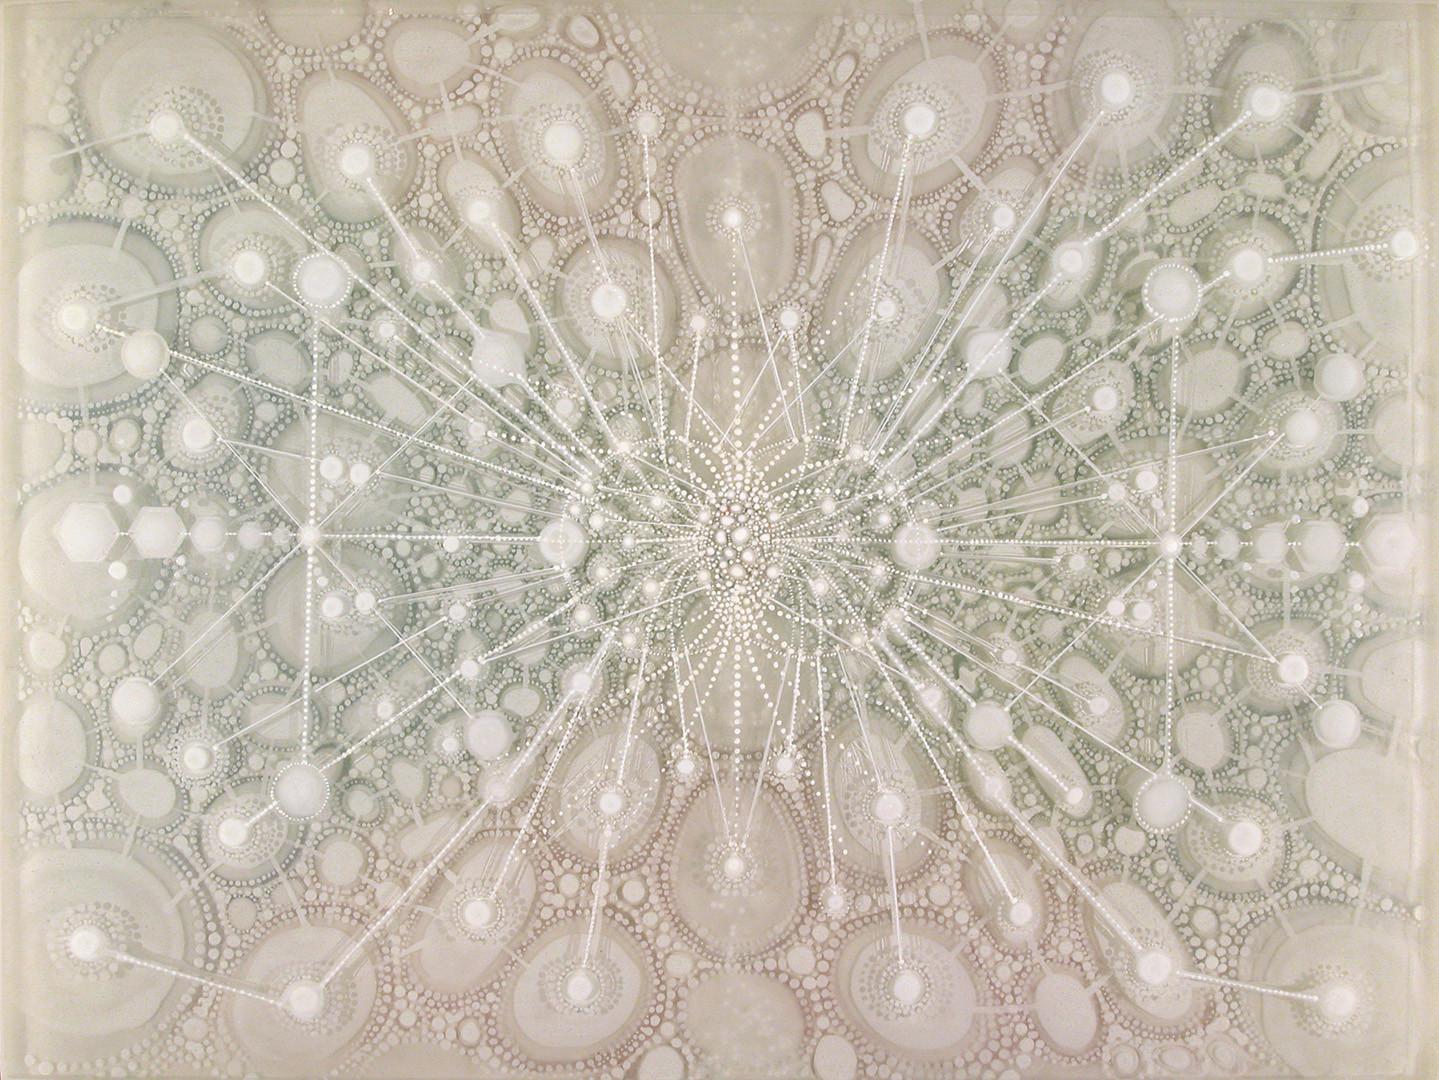 Astrogeny 4, 2005